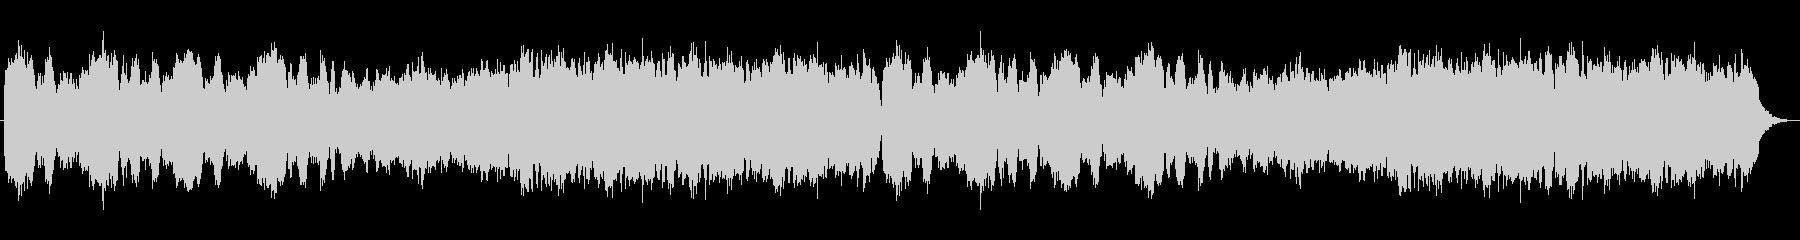 パイプオルガンの明るい曲の未再生の波形